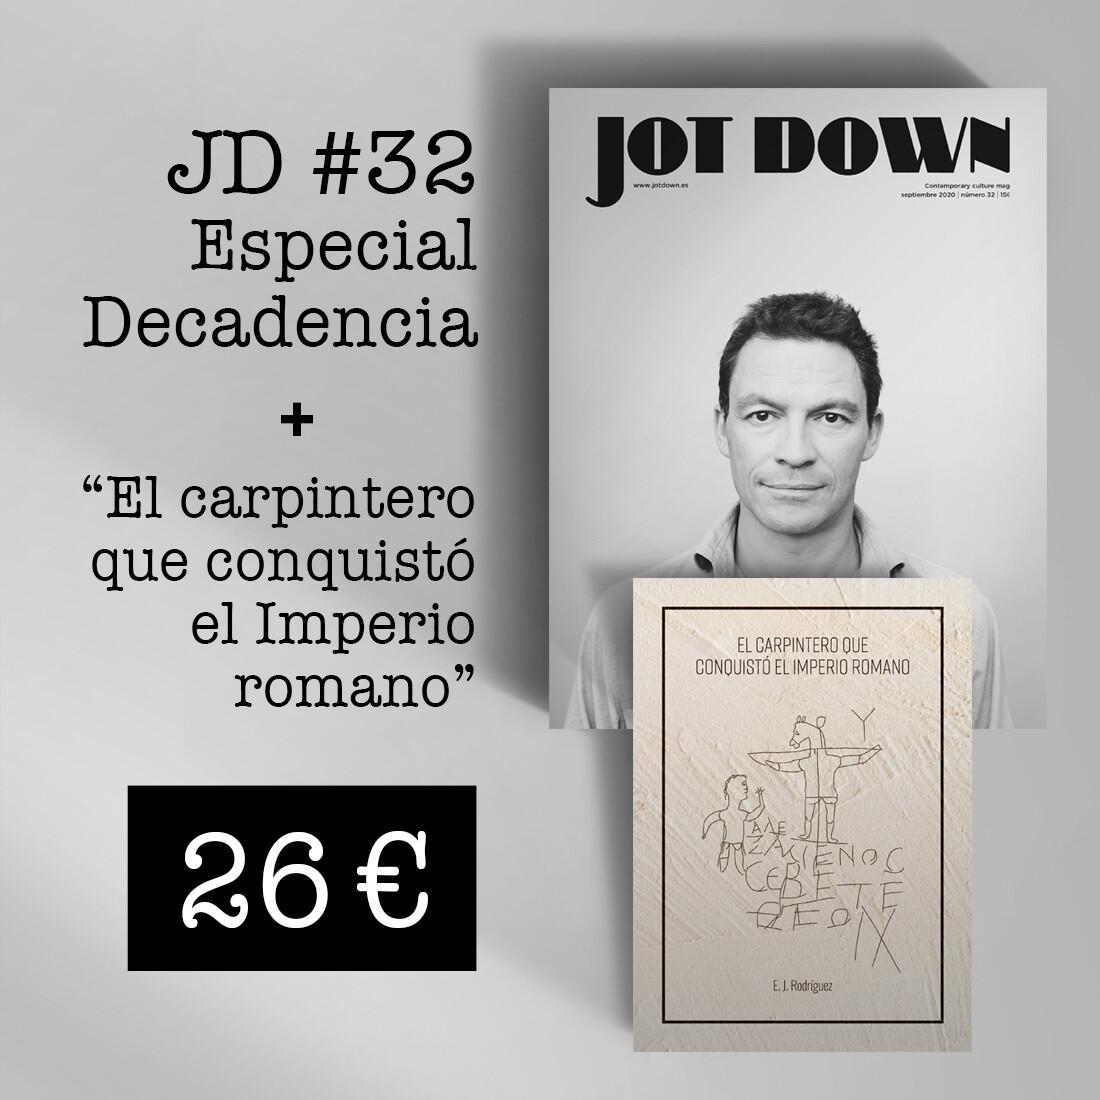 Jot Down nº 32 «Decadencia» + El carpintero que conquistó el Imperio romano